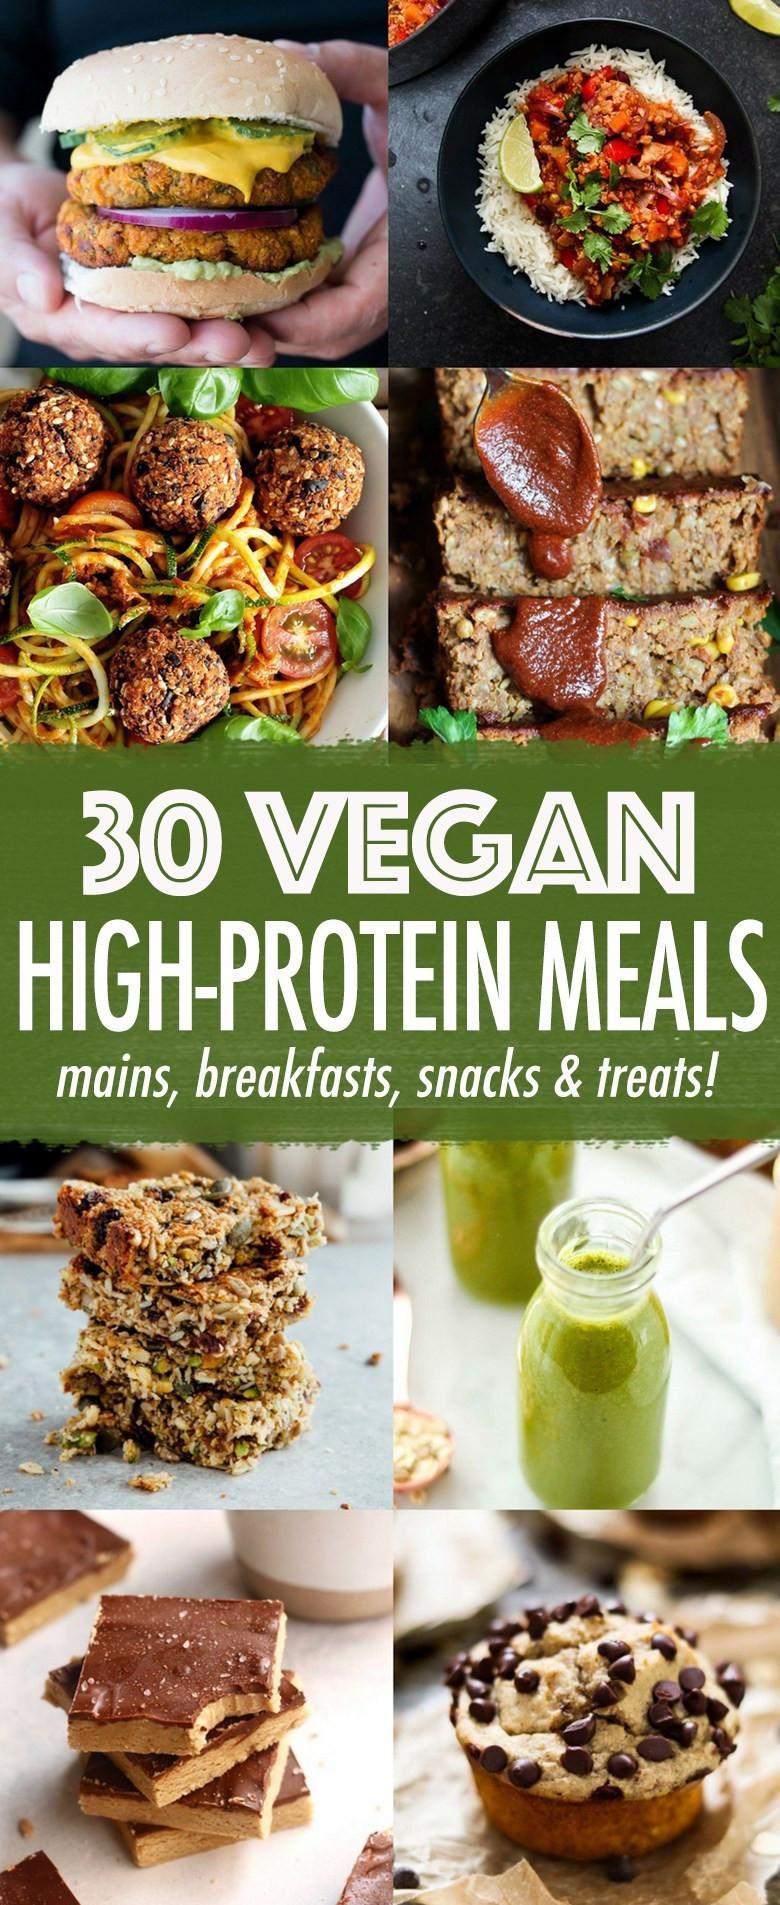 Protein Vegetarian Food  30 High protein Vegan Meals Wallflower Kitchen